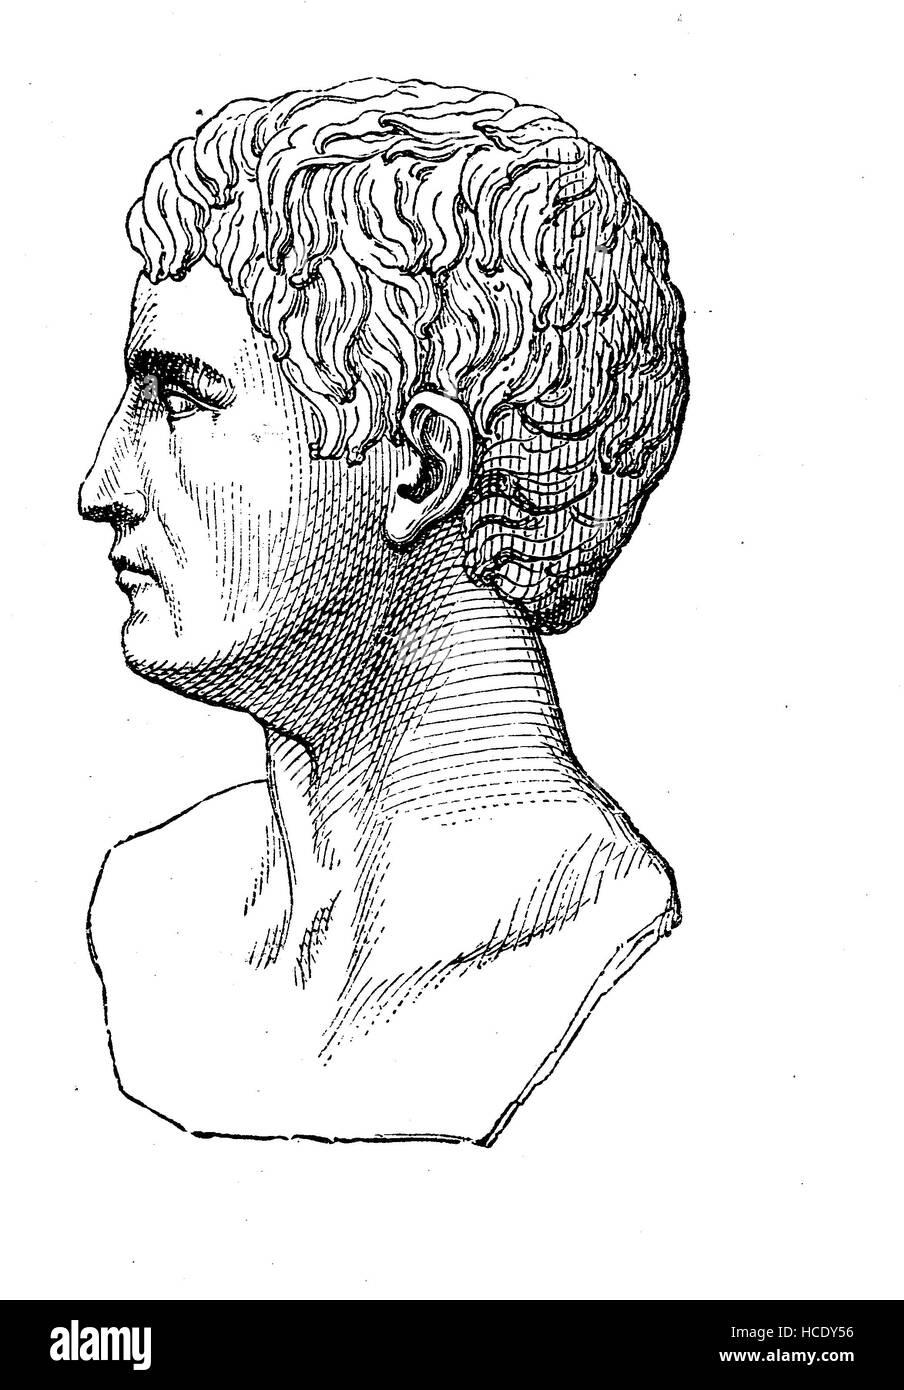 Caligula, Gaius Julius Caesar Augustus Germanicus, AD 12 - AD 41, Roman emperor, the story of the ancient Rome, - Stock Image